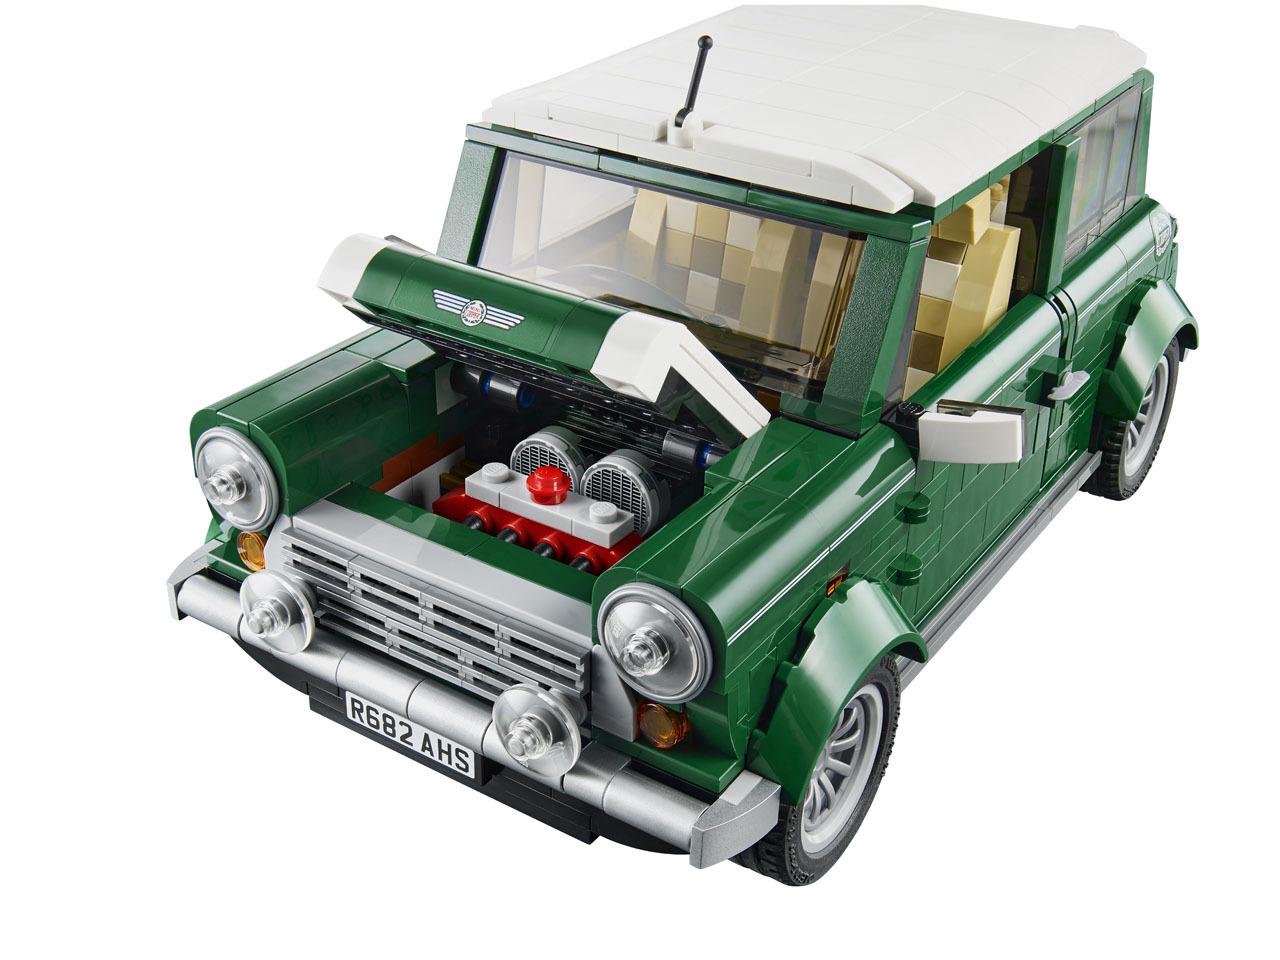 lego-mini-cooper-008-1